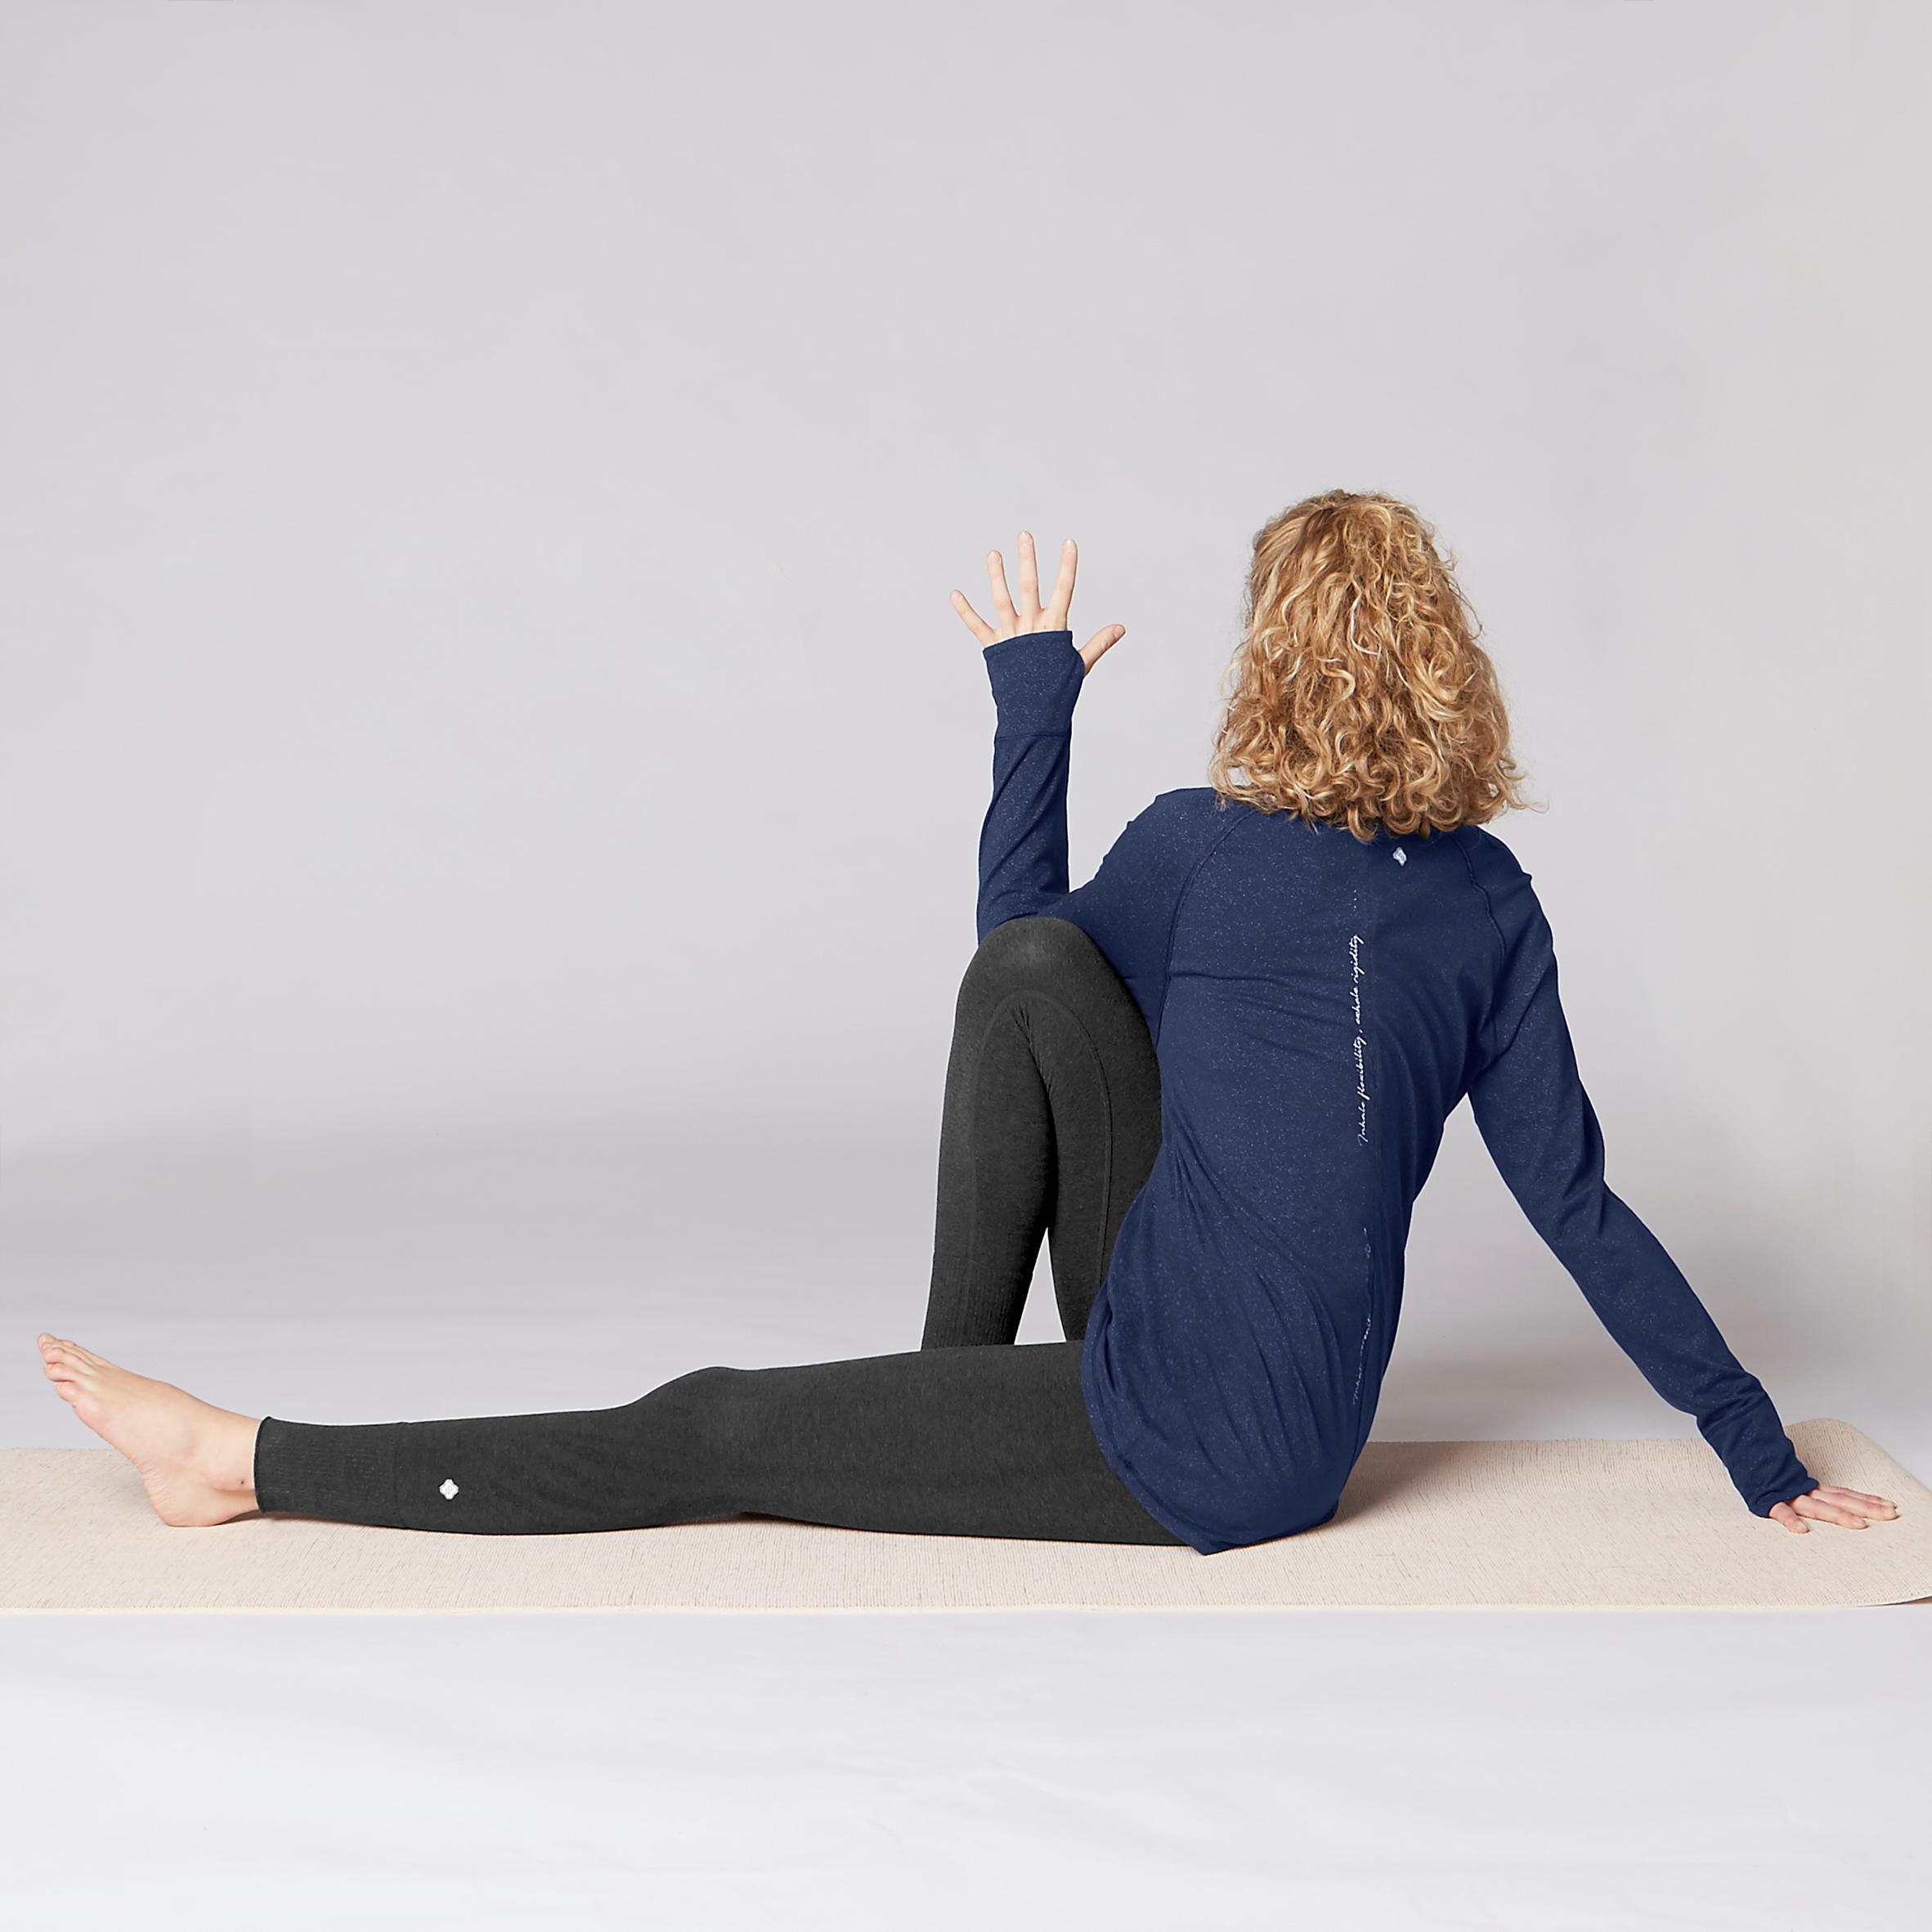 Organic Cotton Long-Sleeved Yoga T-Shirt - Navy